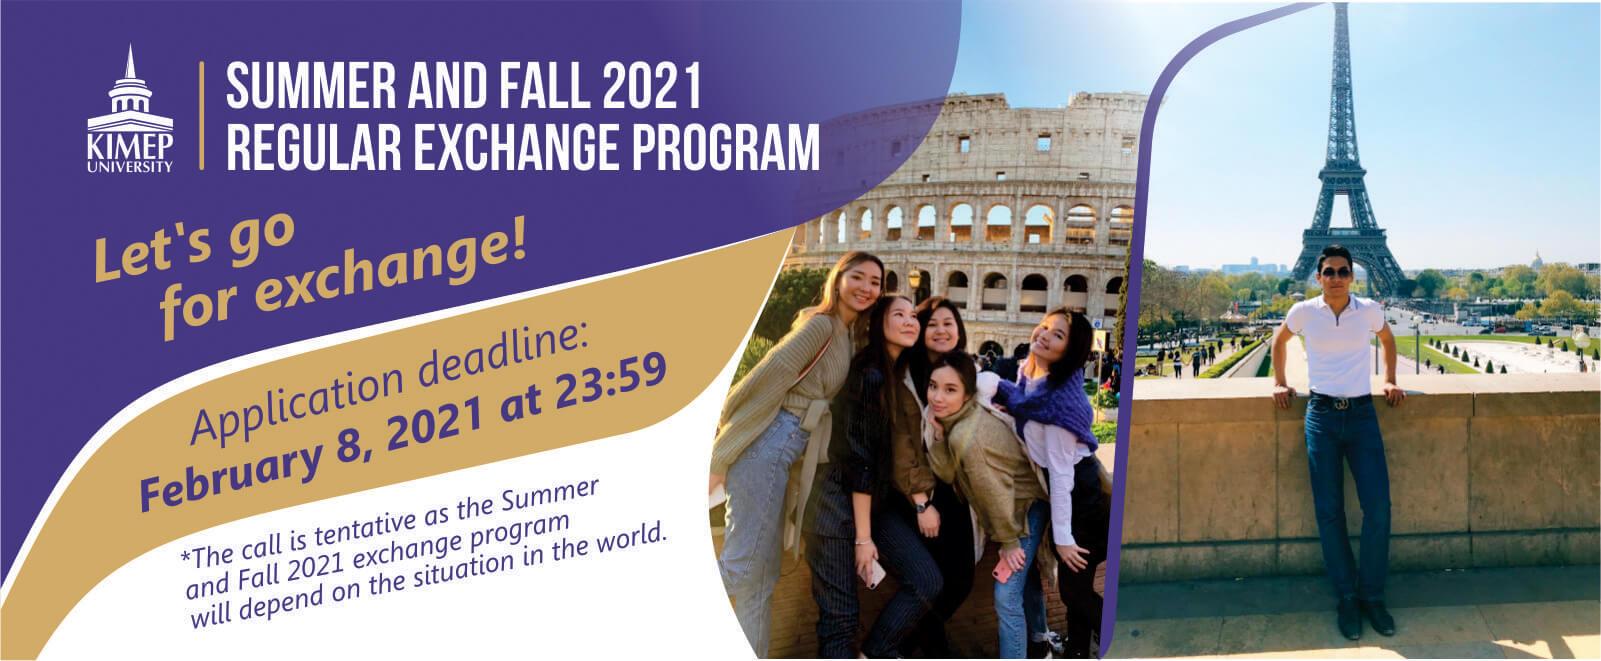 Kimep exchange 2021 programm, Программа обмена студентами Кимеп